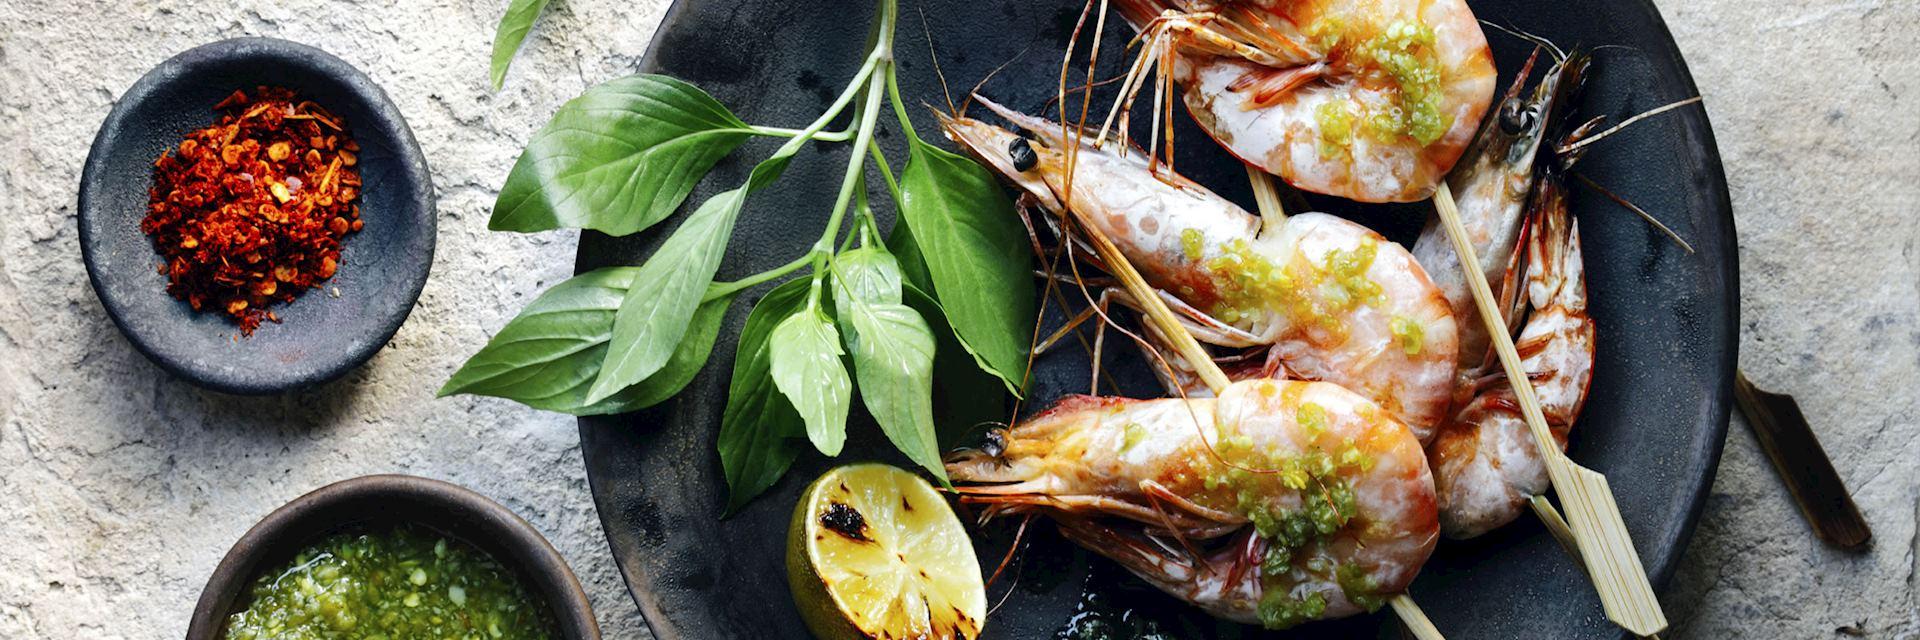 A dish of tiger prawns